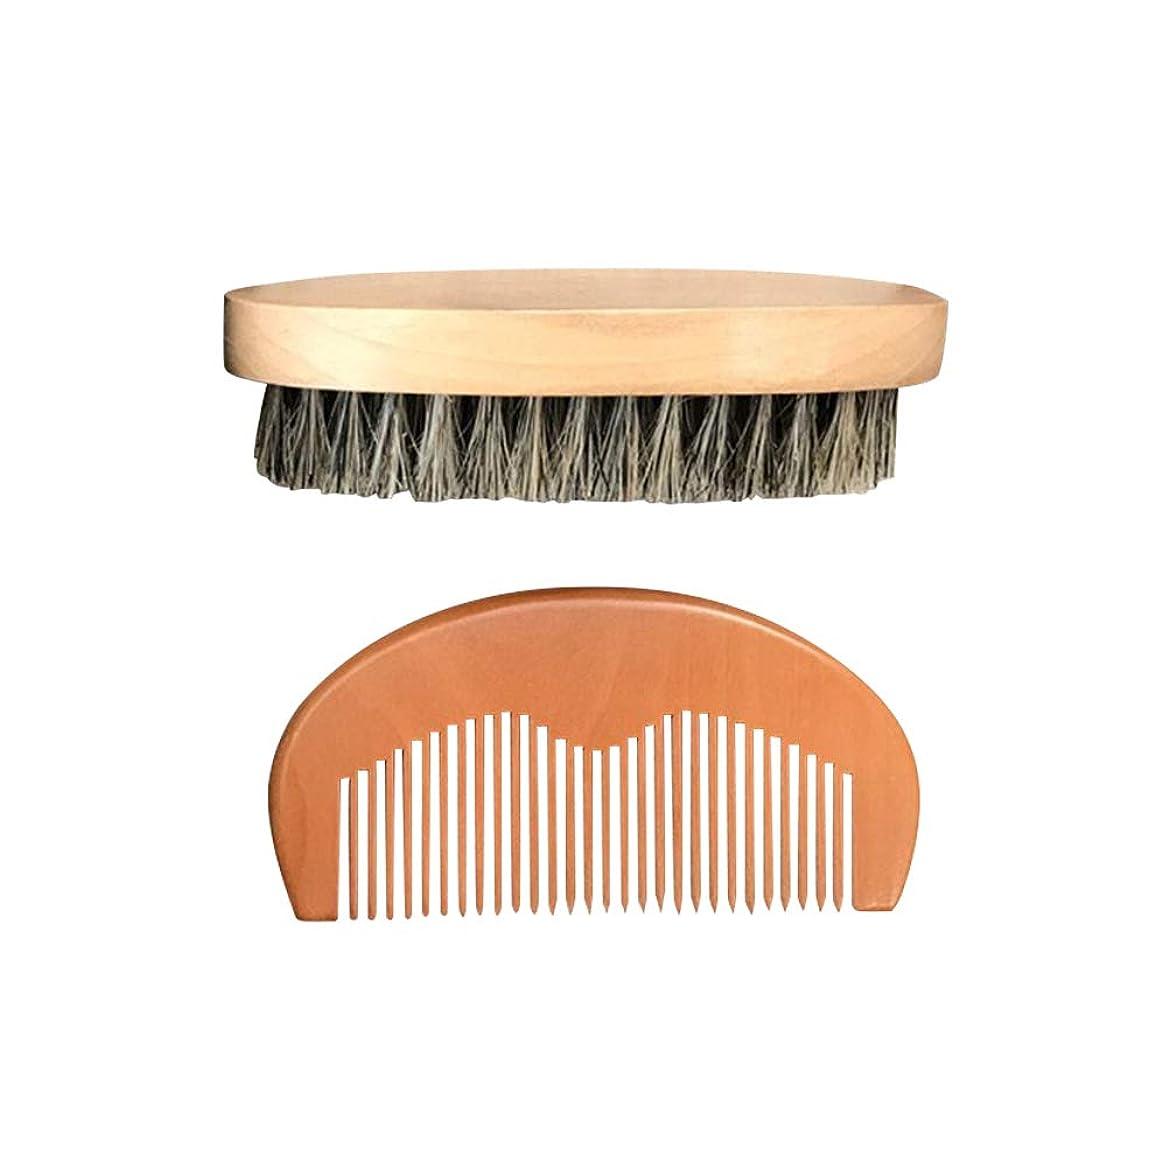 沈黙嘆願ポーチSUPVOX 2本の木製のひげの櫛およびブラシのキットの口ひげの櫛のひげのグルーミングブラシ